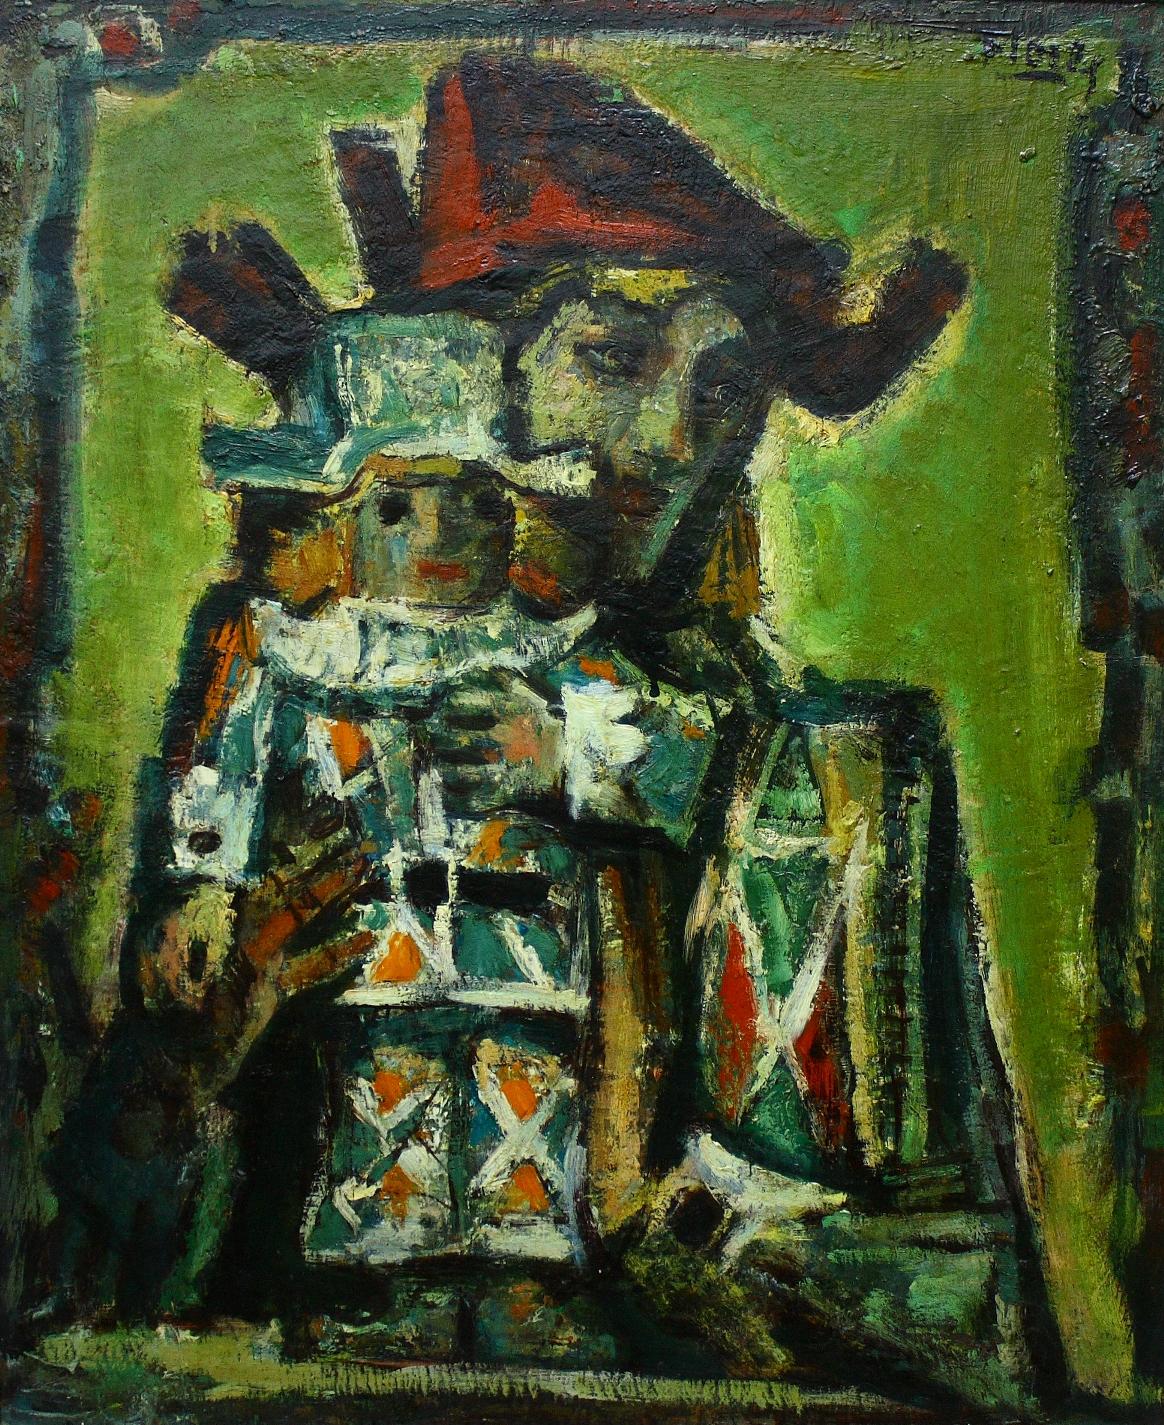 Pedro Flores. Murcia, 1897- París, 1967. Oleo sobre lienzo 45 x 55.